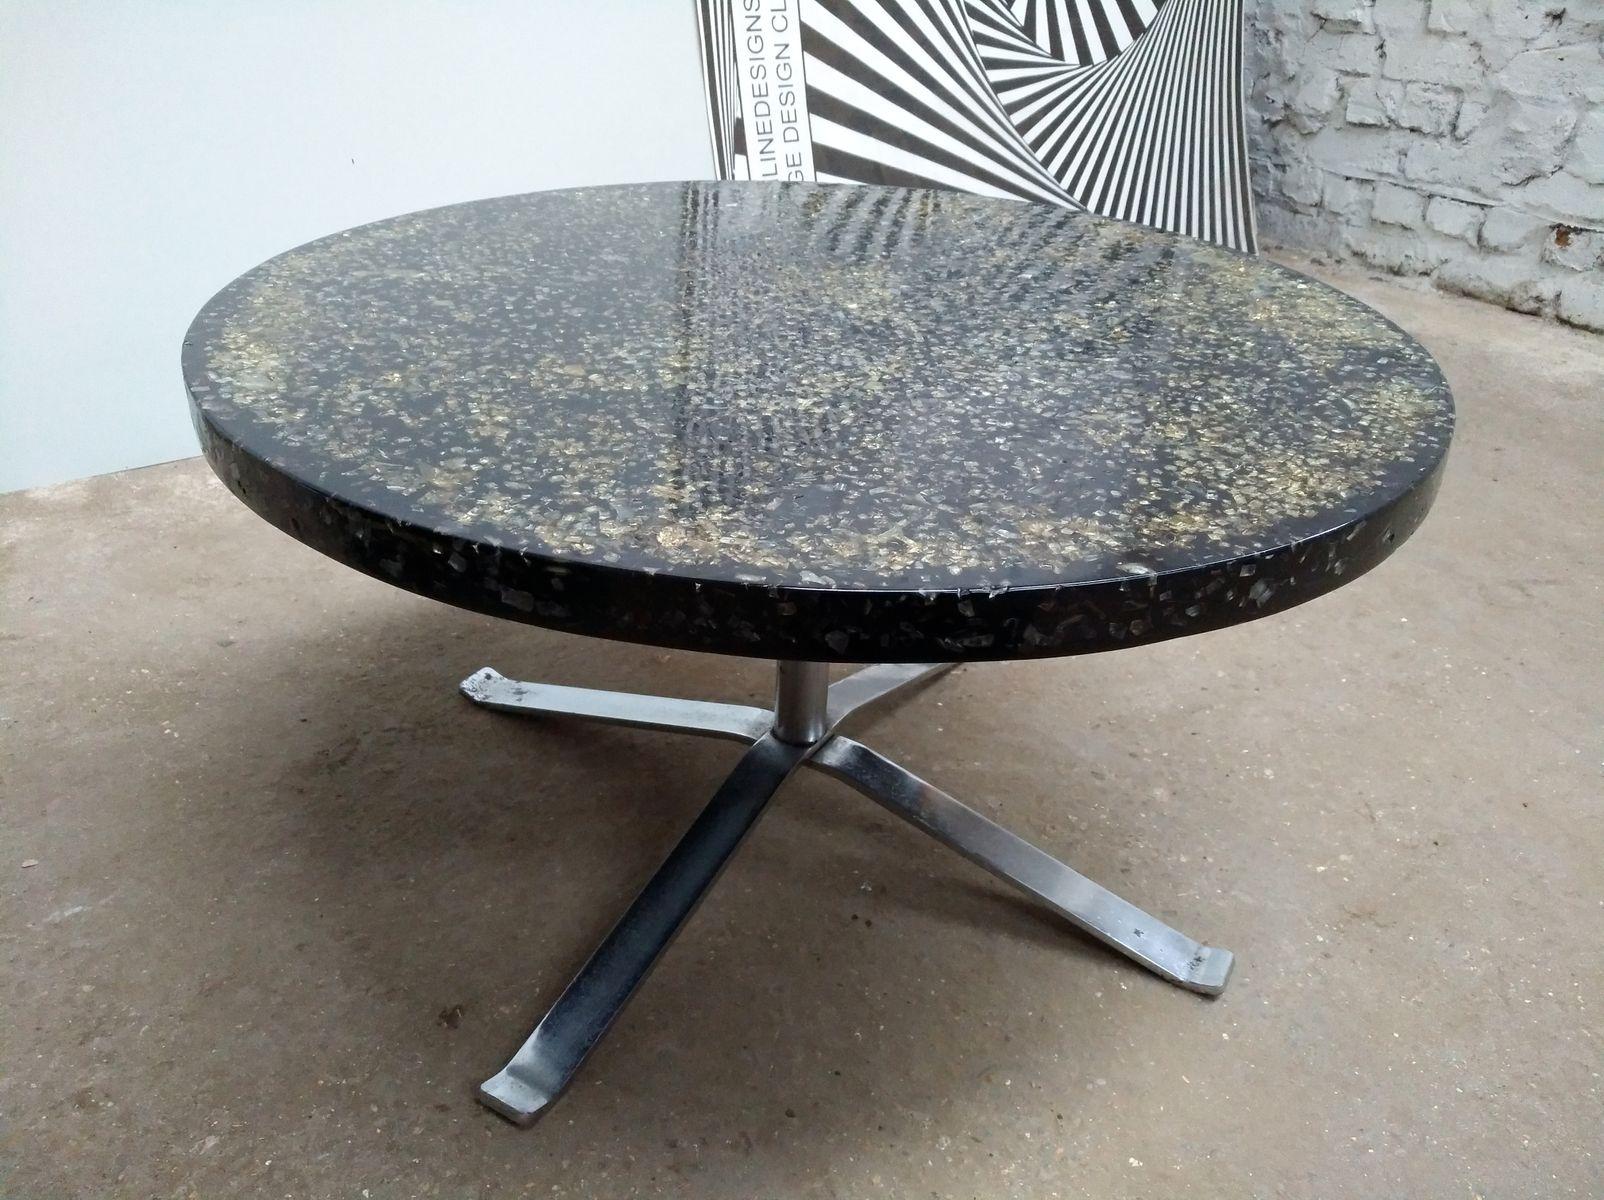 Table basse ronde noire en r sine par pierre giraudon - Table basse en resine ...